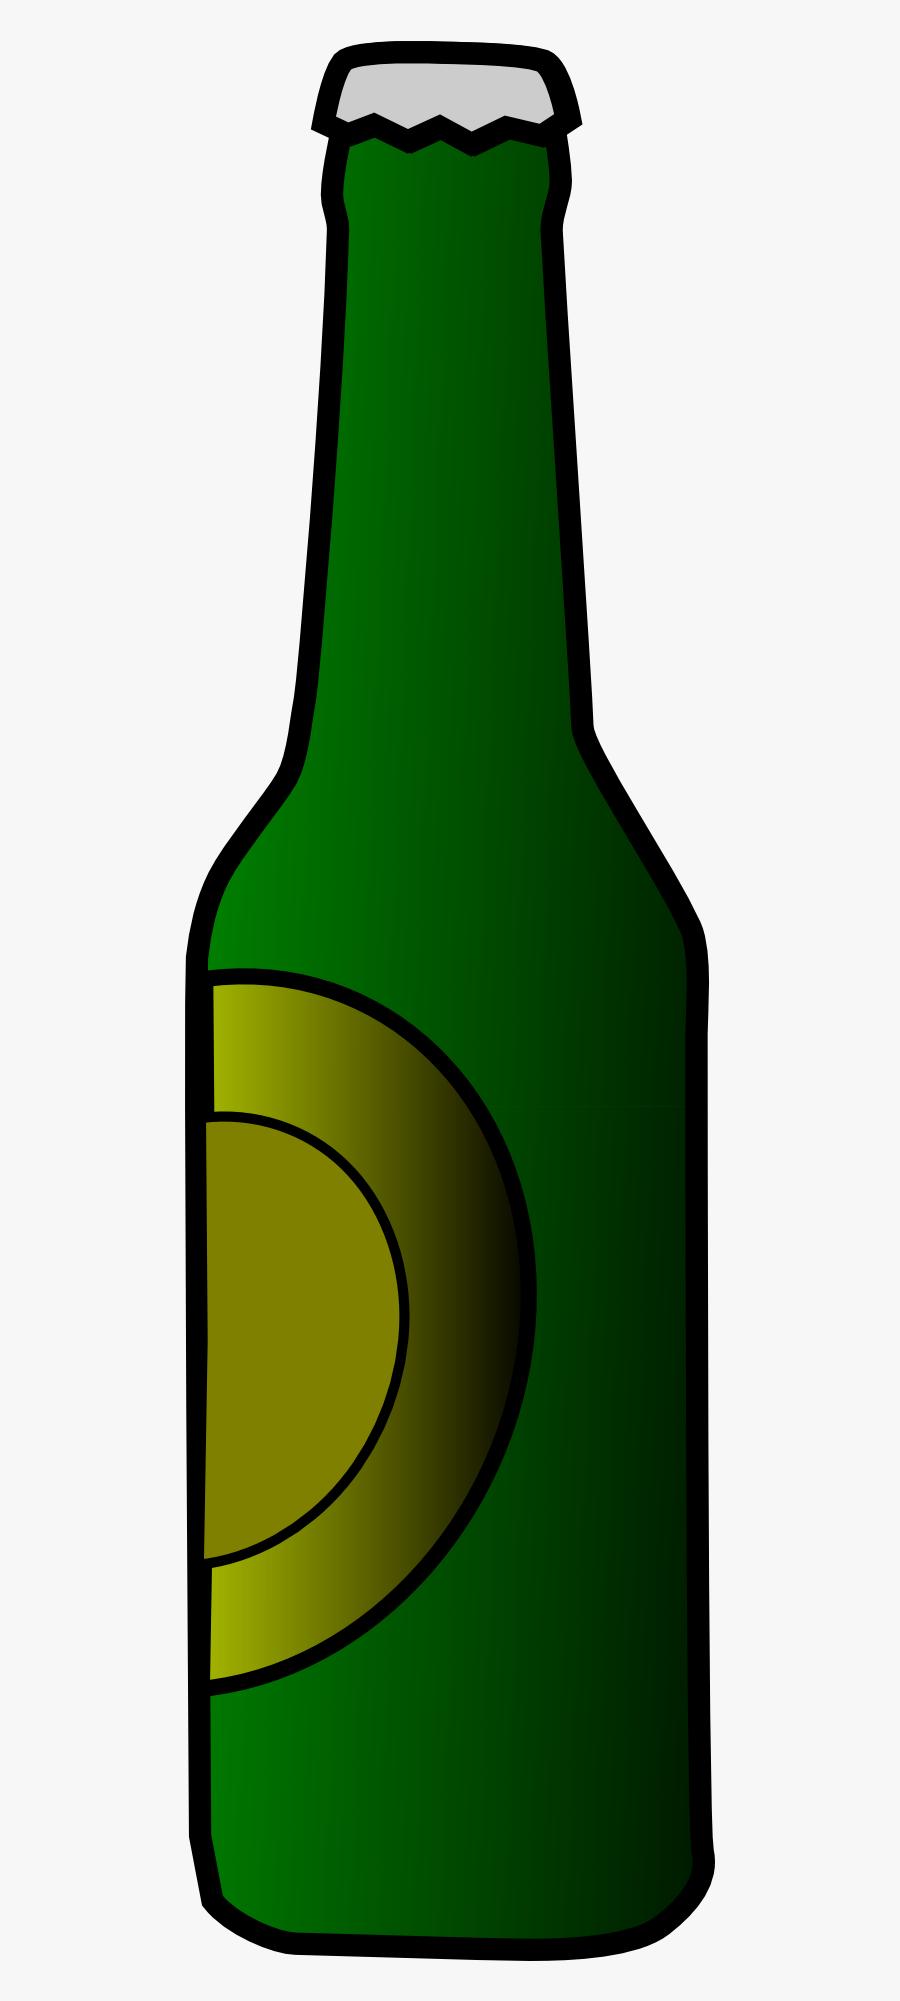 Public Domain Clip Art Image - Beer Glass Bottle Clipart, Transparent Clipart